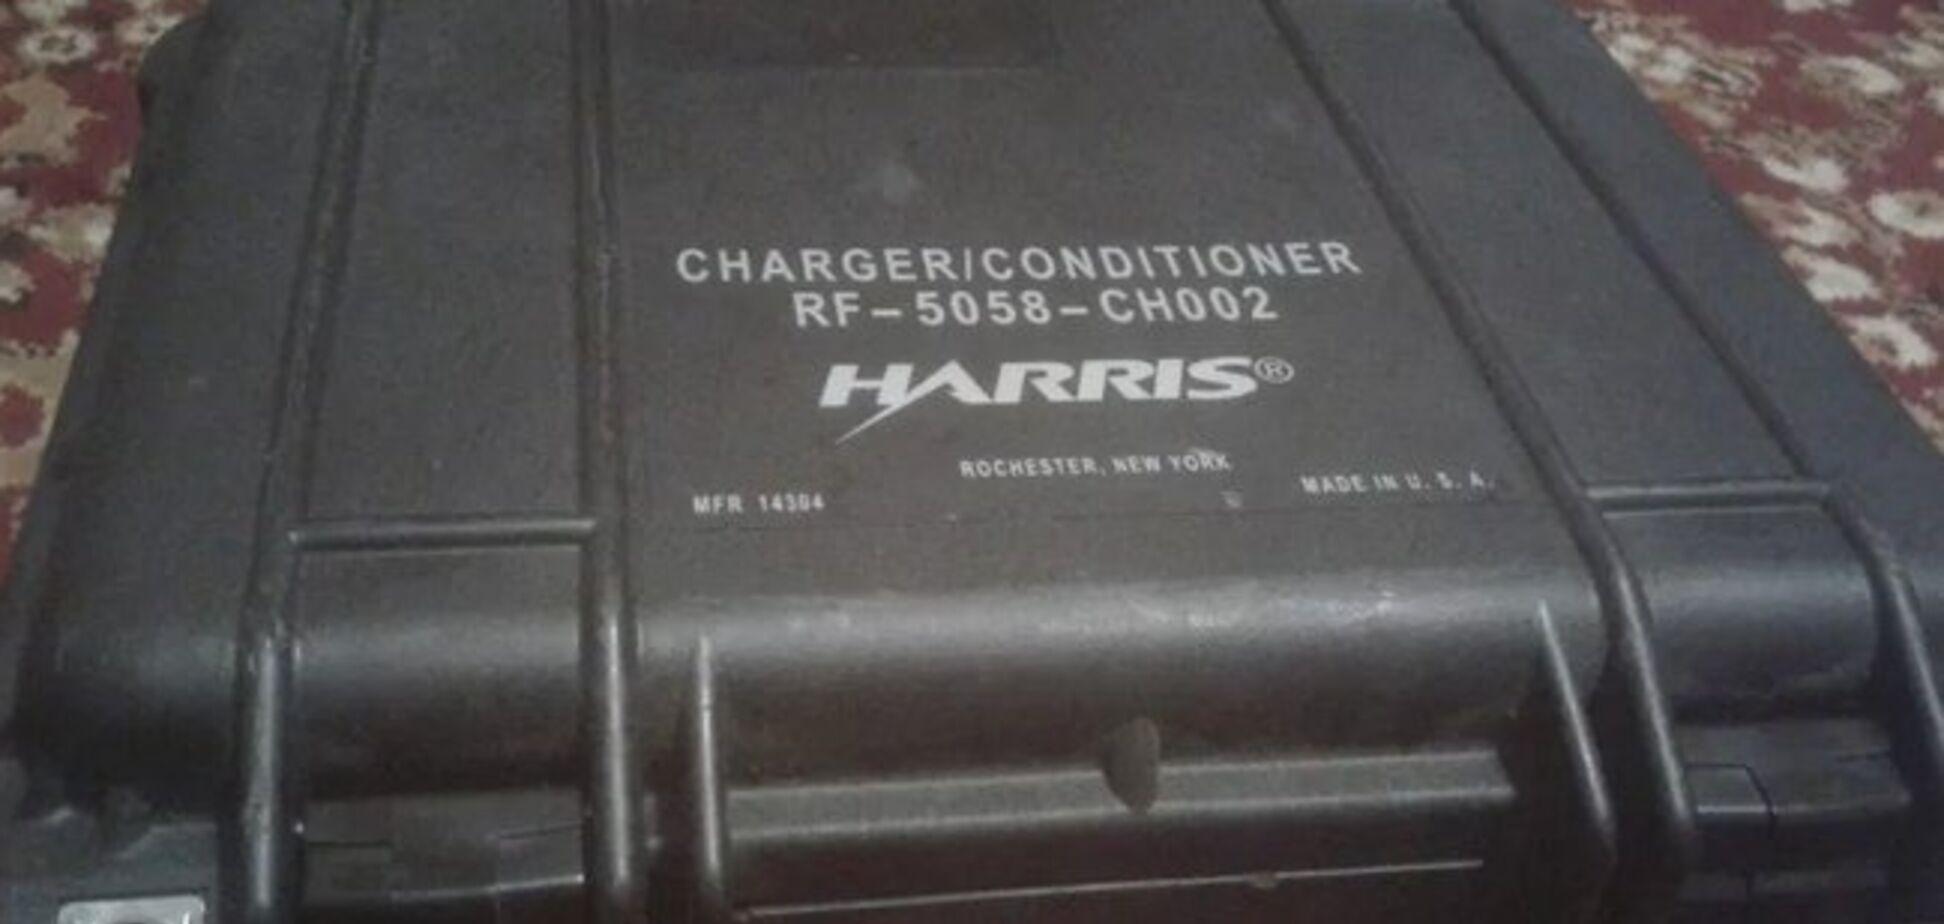 На OLX з'явився у продажу небезпечний зарядний пристрій Harris RF-5058: у чому загроза